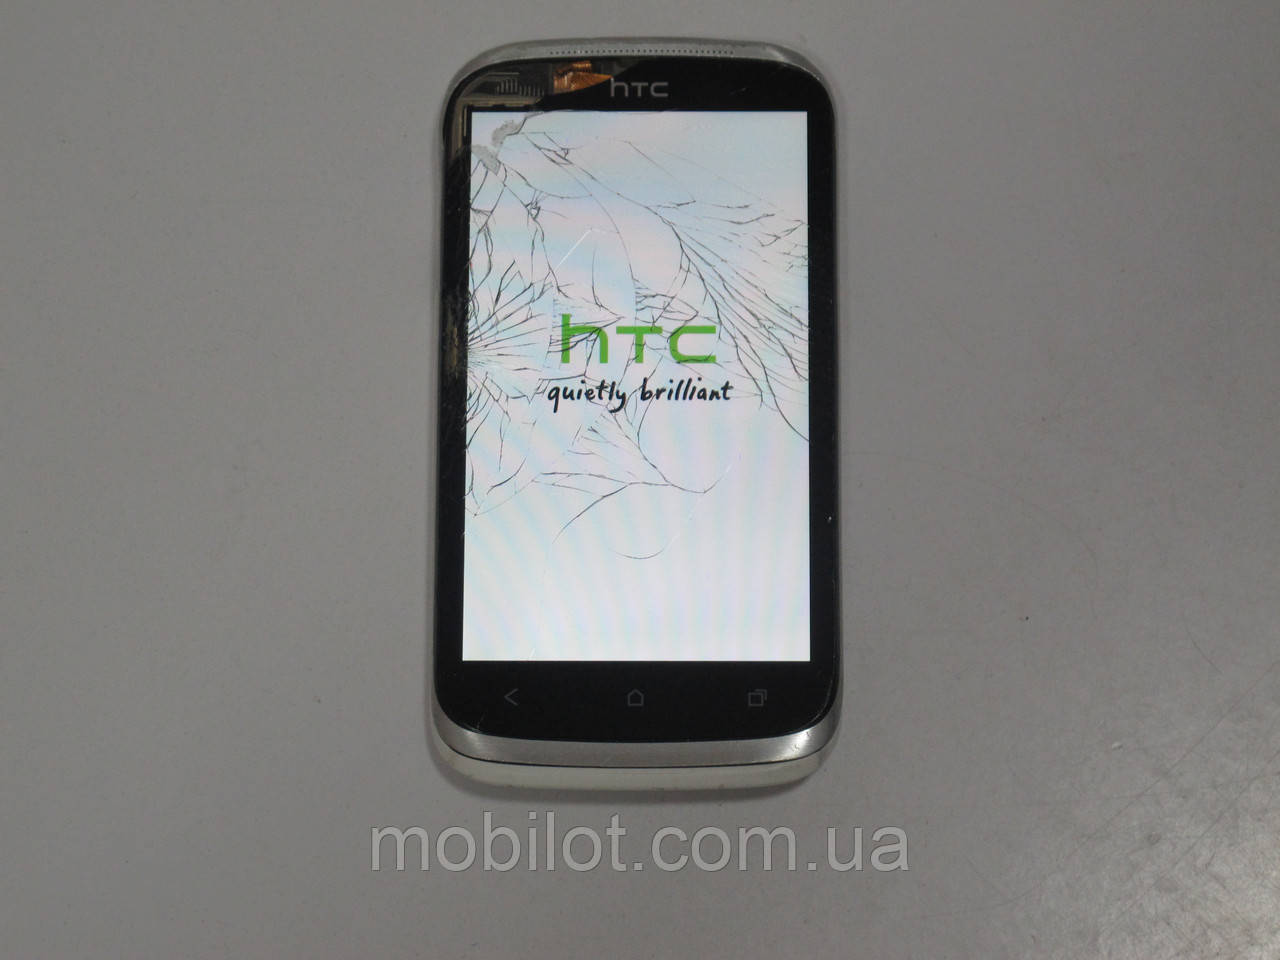 Мобильный телефон HTC Desire X T328e (TZ-3076)